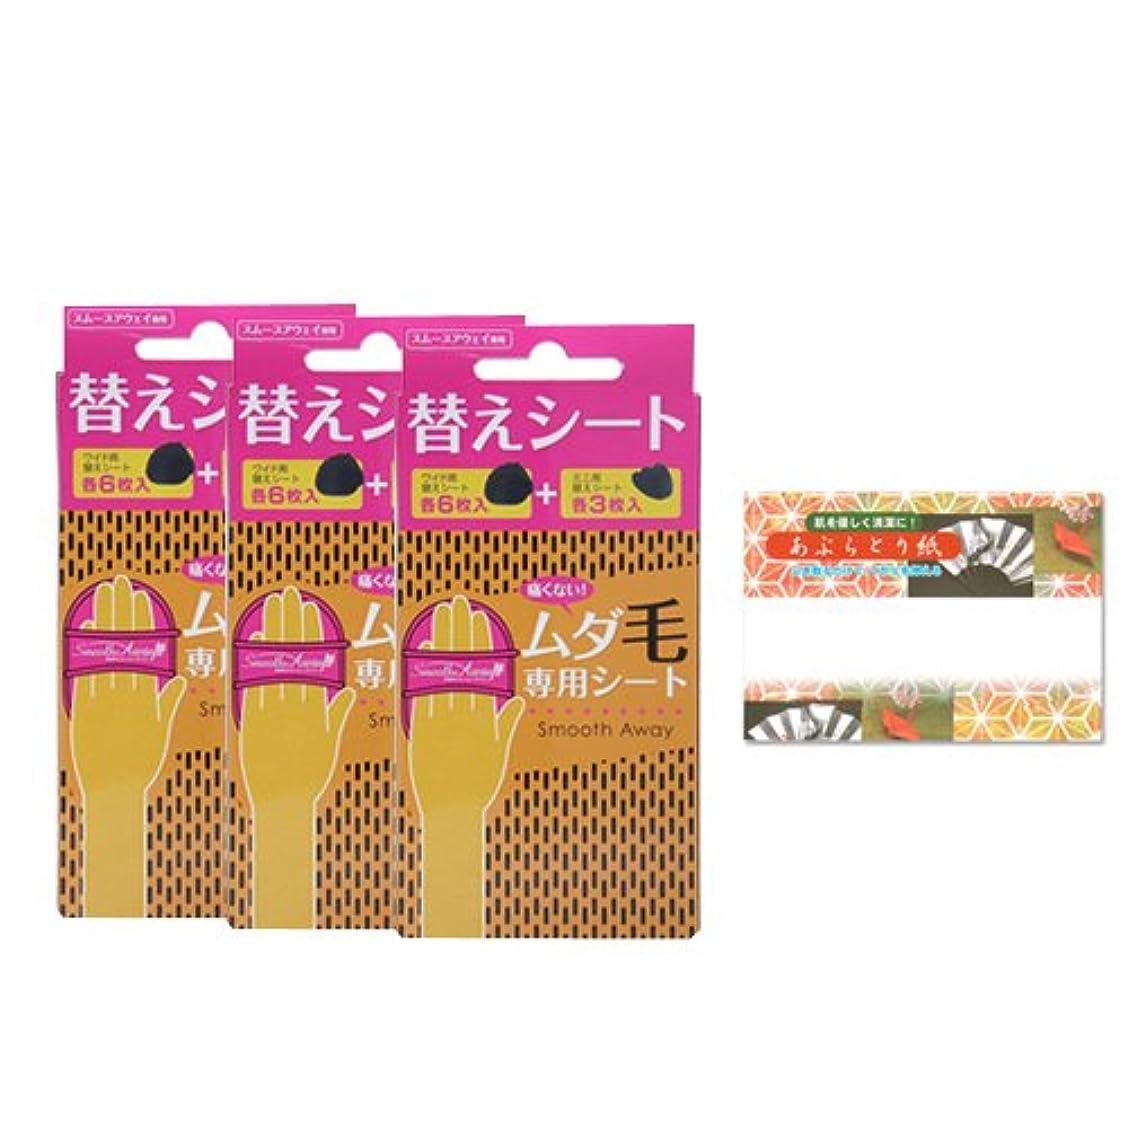 常習的蒸発する刃スムースアウェイ替えシート × 3個 + あぶらとり紙(10枚入)セット